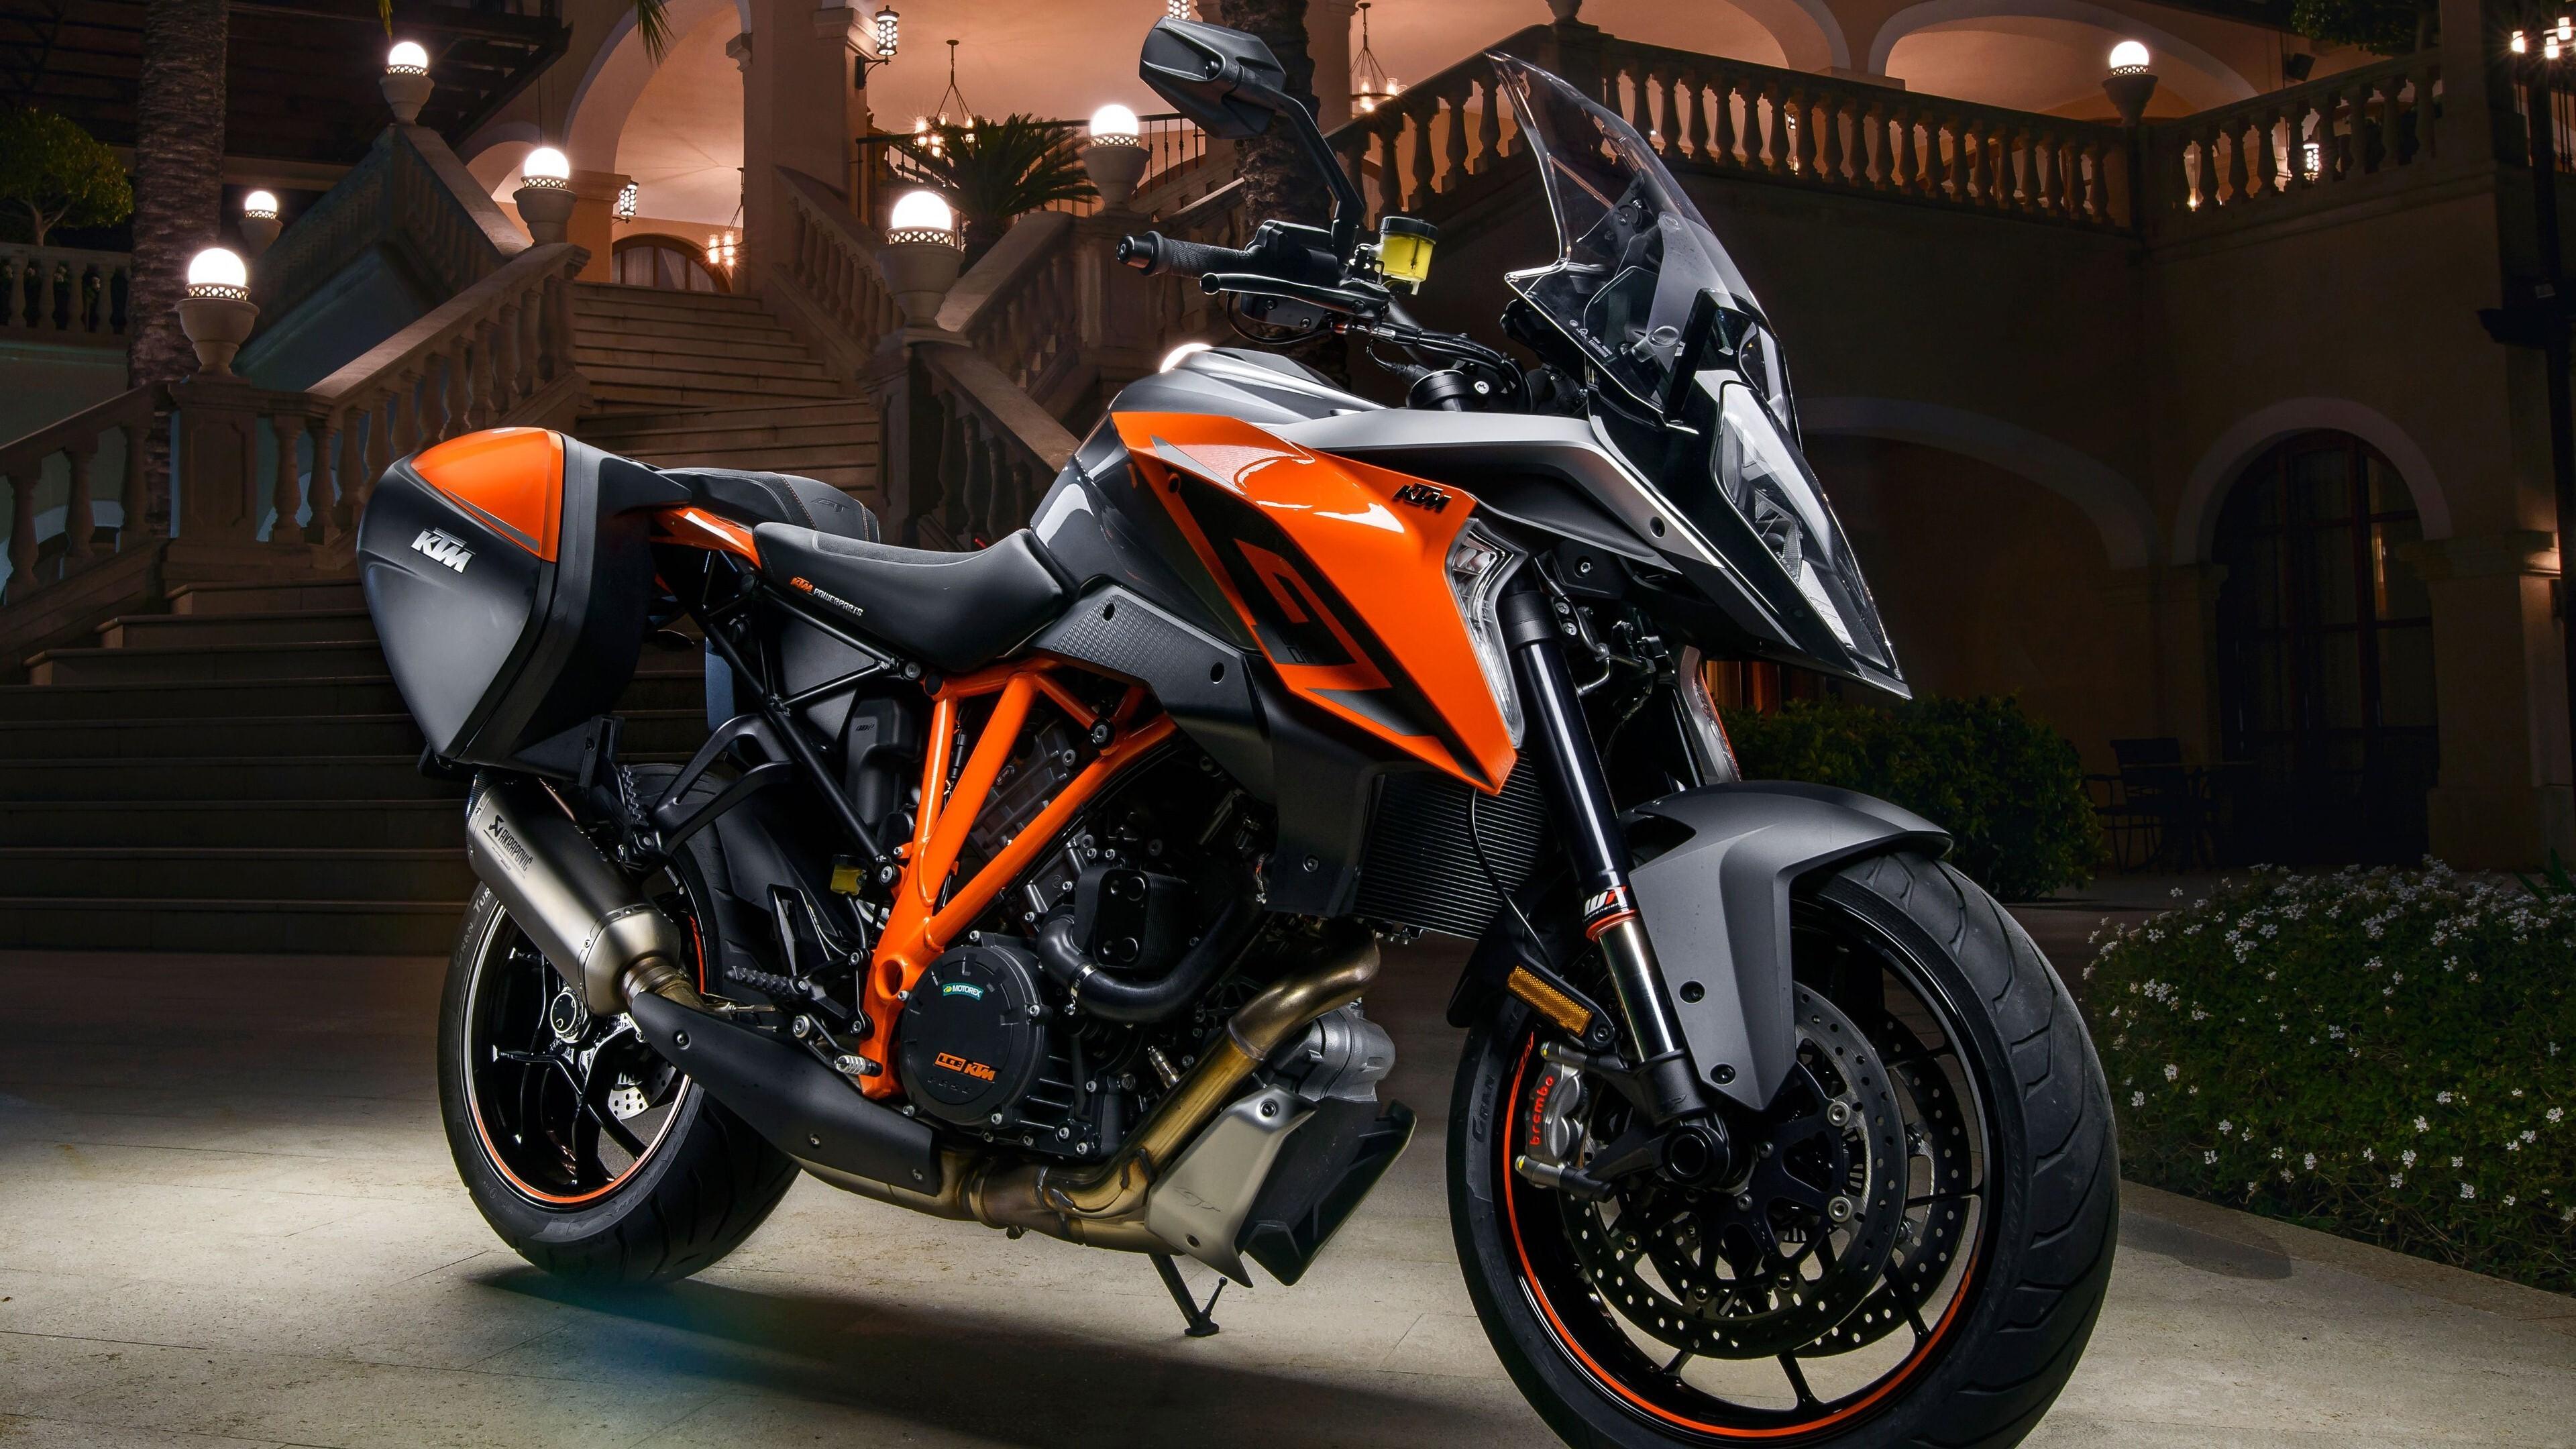 2020 Motorcycle Ktm 1290 Super Duke Gt 4k Wallpaper Hd